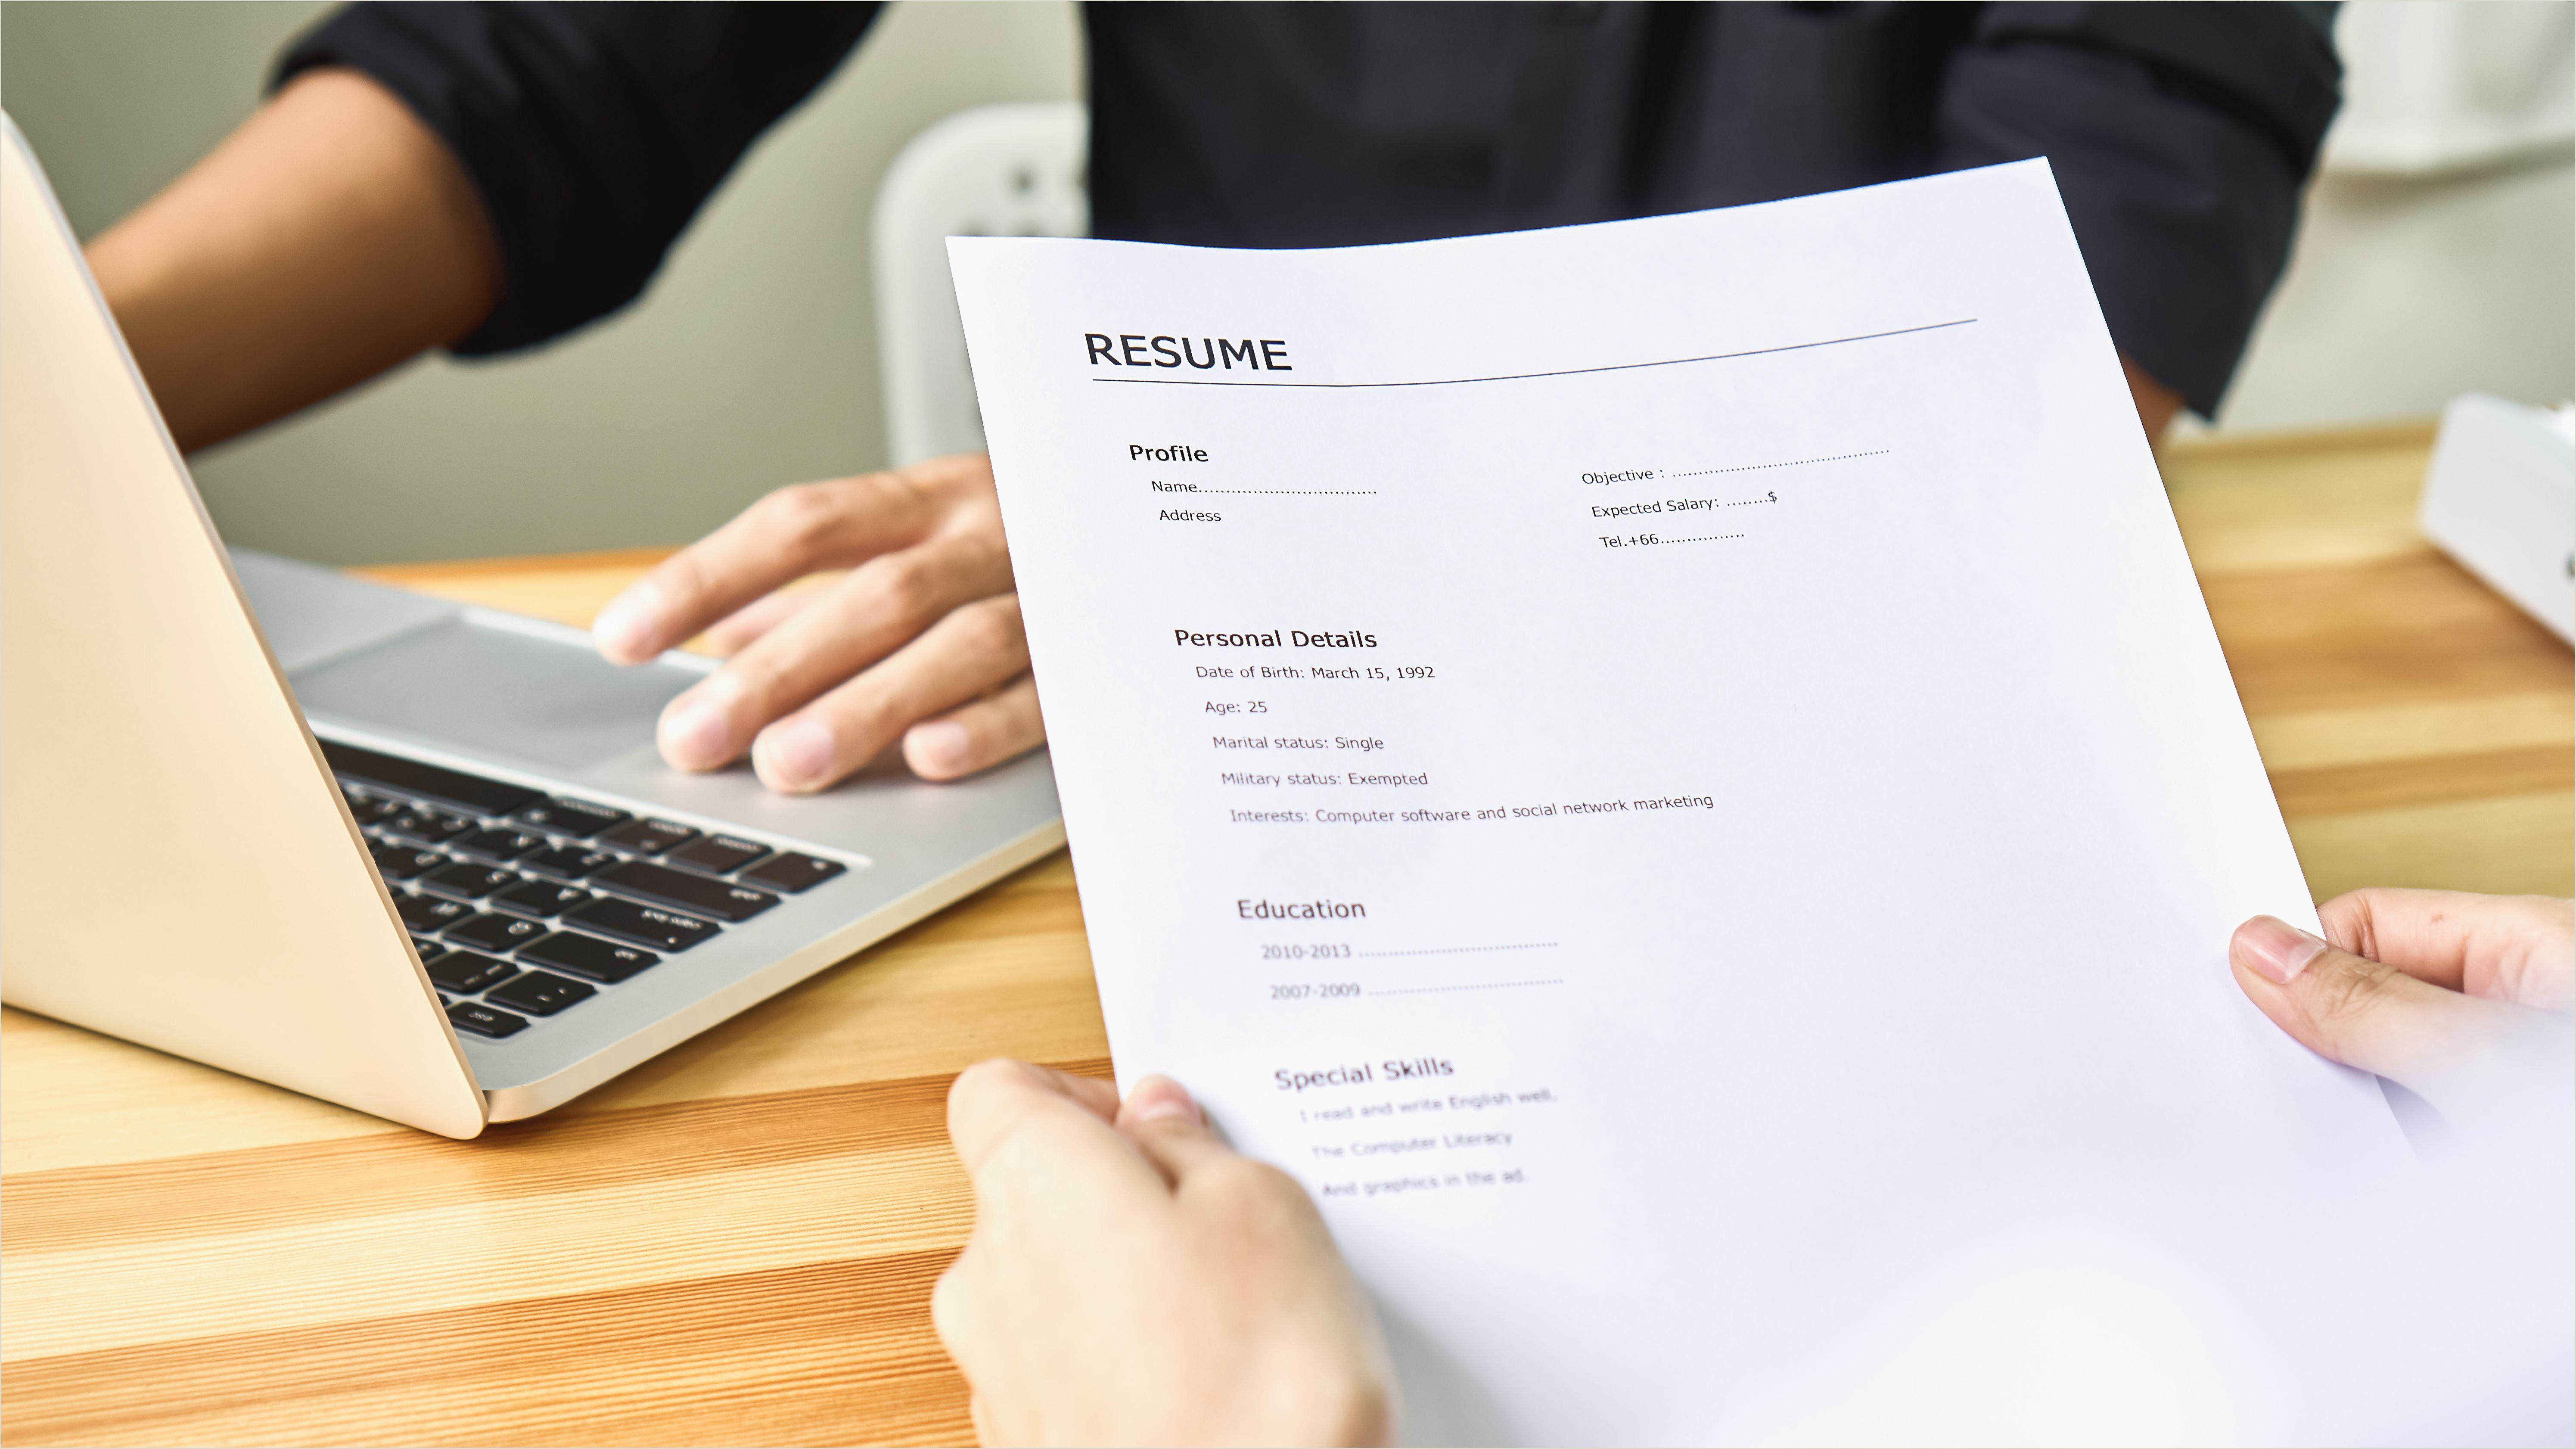 World Bank Standard Cv format Standard Settings for Resume Margins